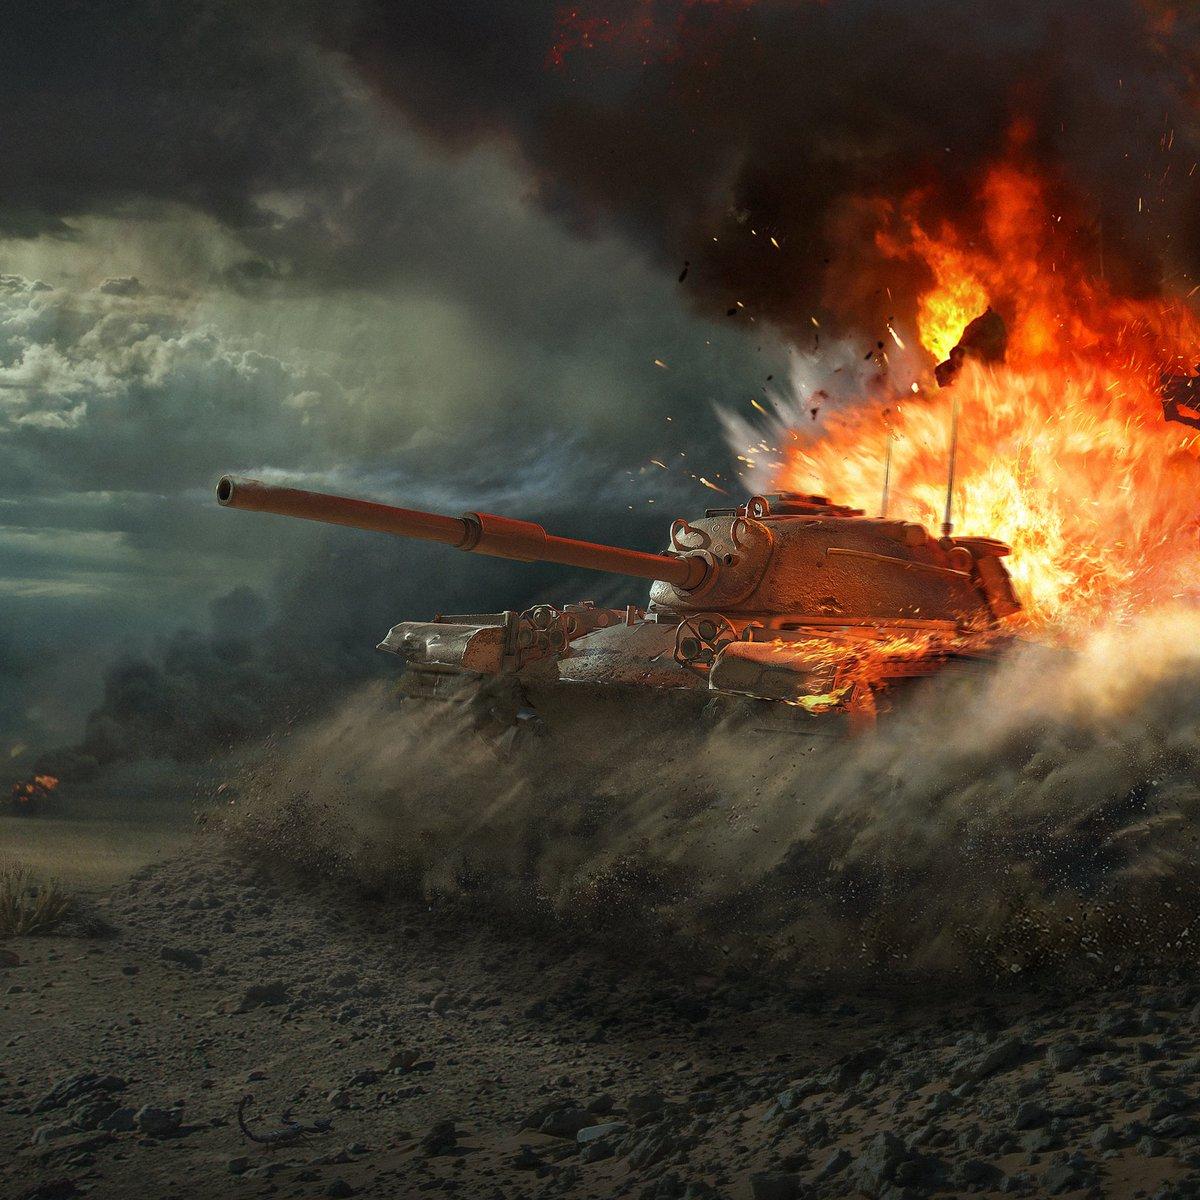 World Of Tanks Blitz On Twitter Epic Wallpaper For Your